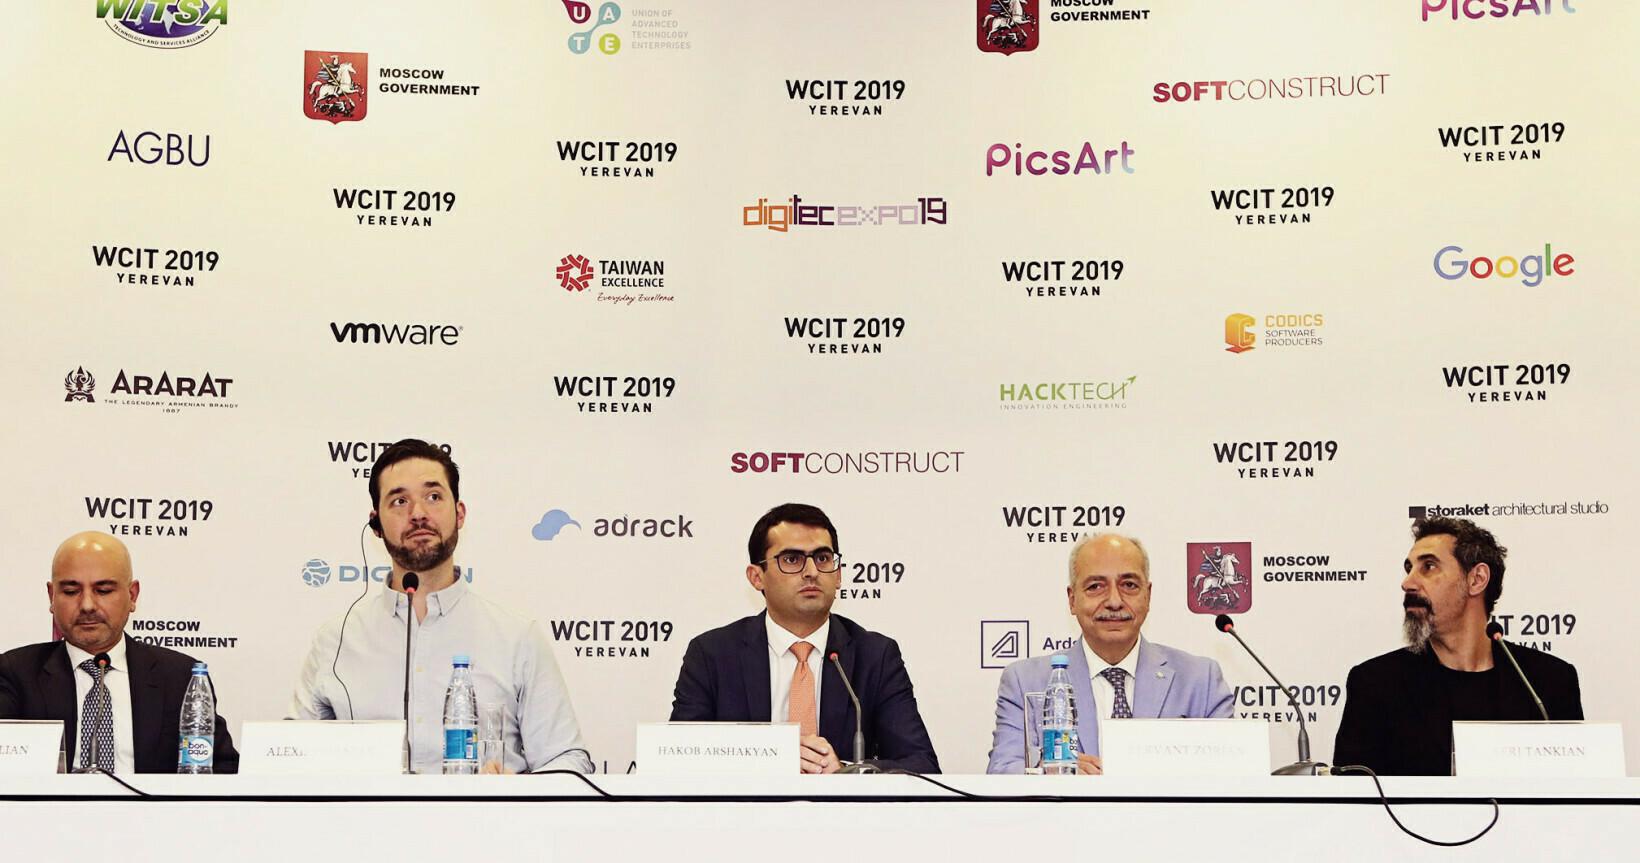 Объединить диаспоры: зачем лидер System of a Down Серж Танкян и сооснователь Reddit создают соцсеть для армян